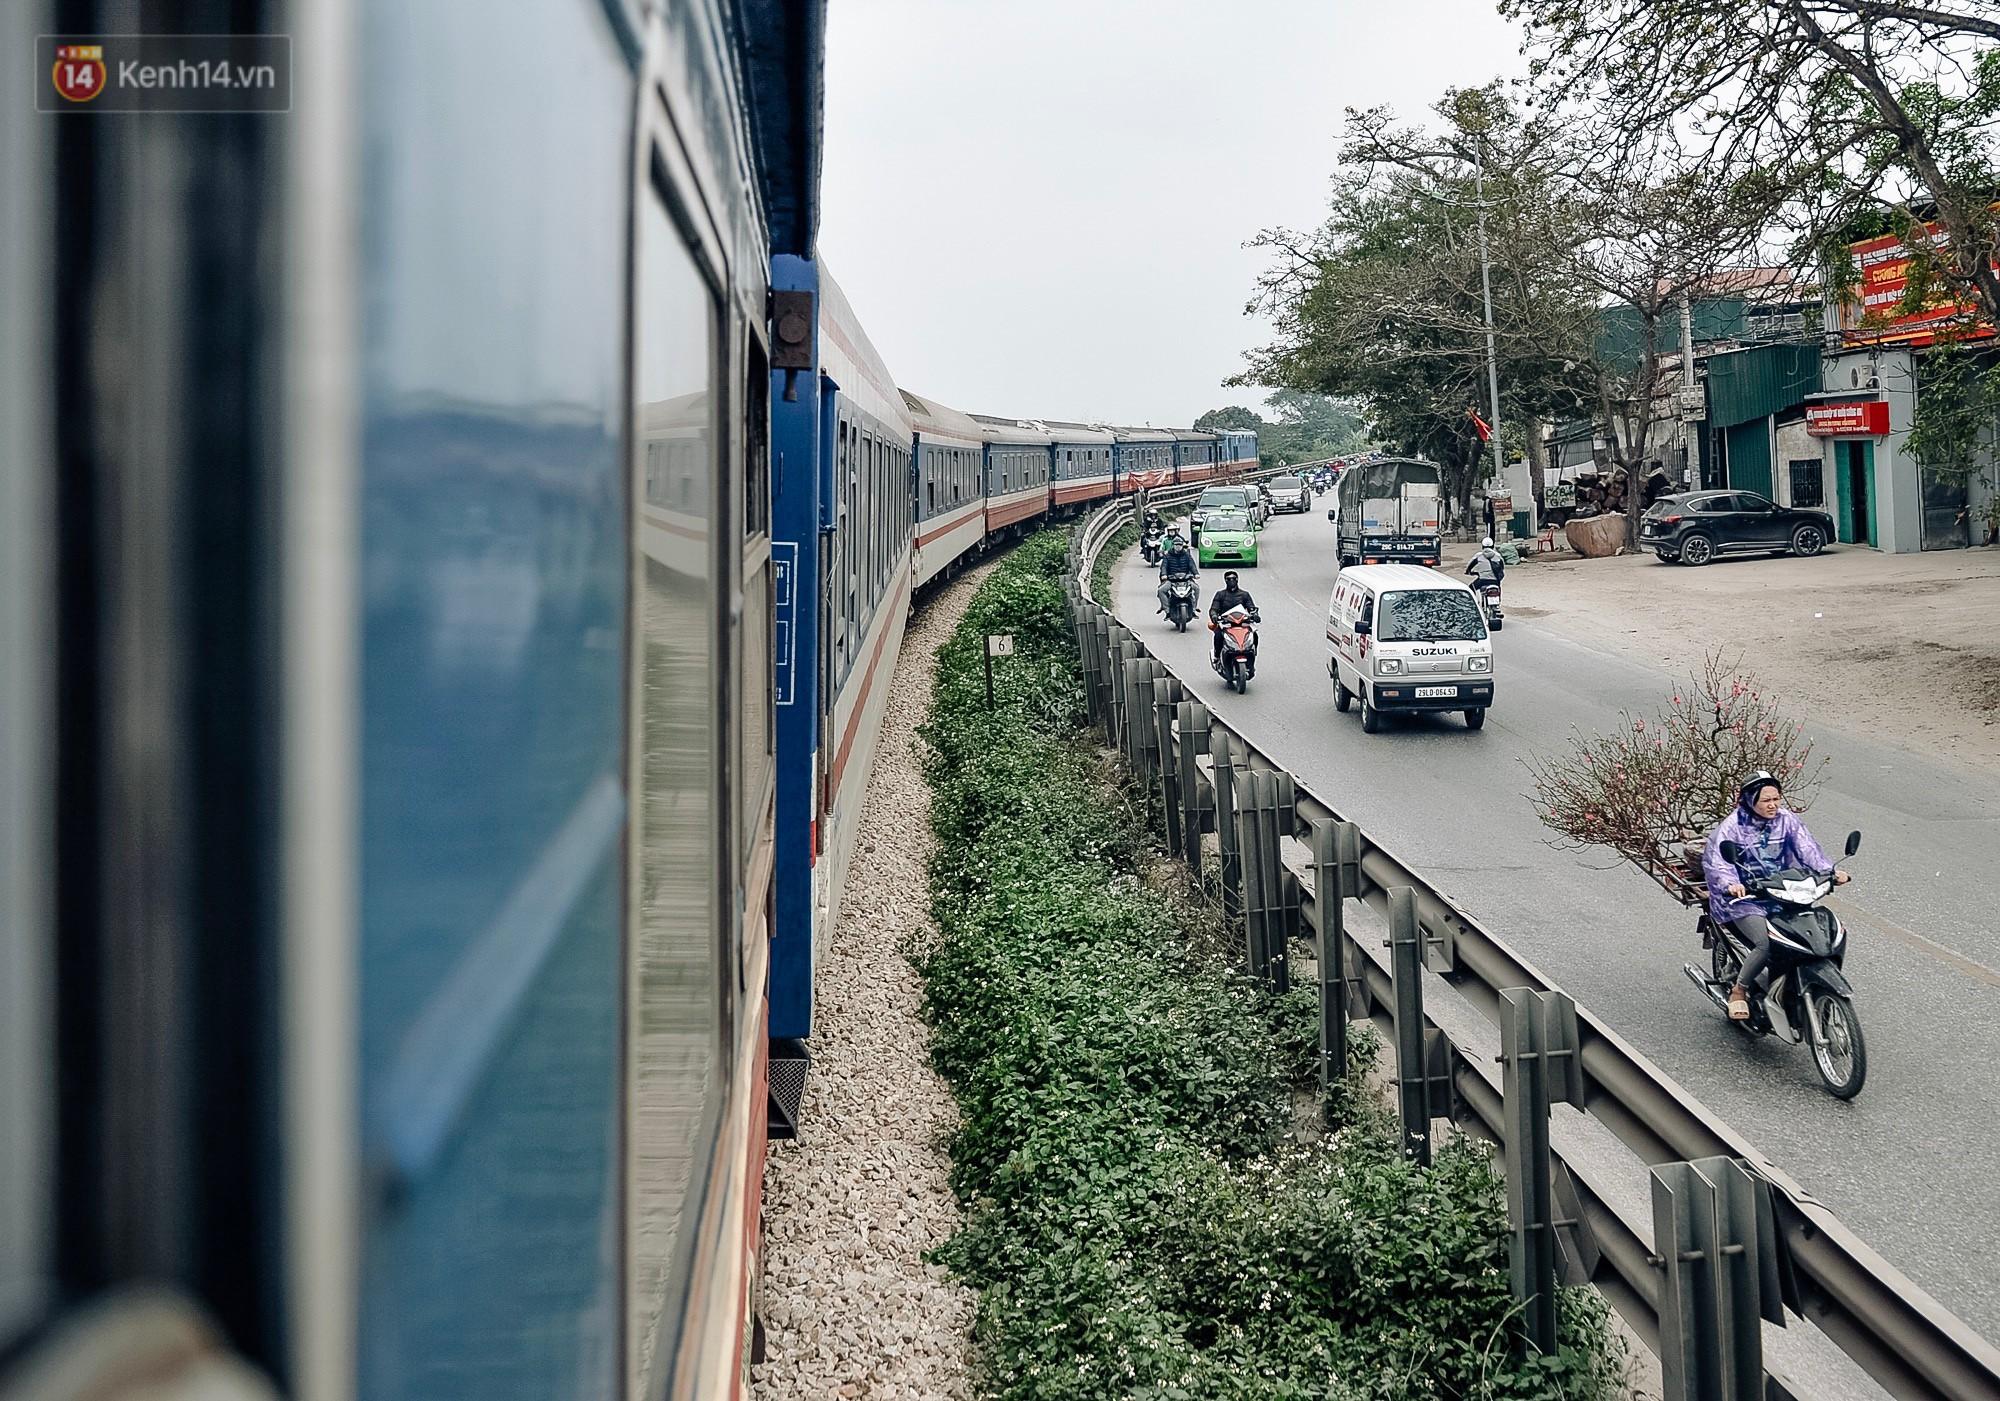 Chuyến tàu mùa xuân chở công nhân nghèo dọc đường đất nước về đến ga Hà Nội và những khoảnh khắc đoàn tụ đầy xúc động - Ảnh 8.